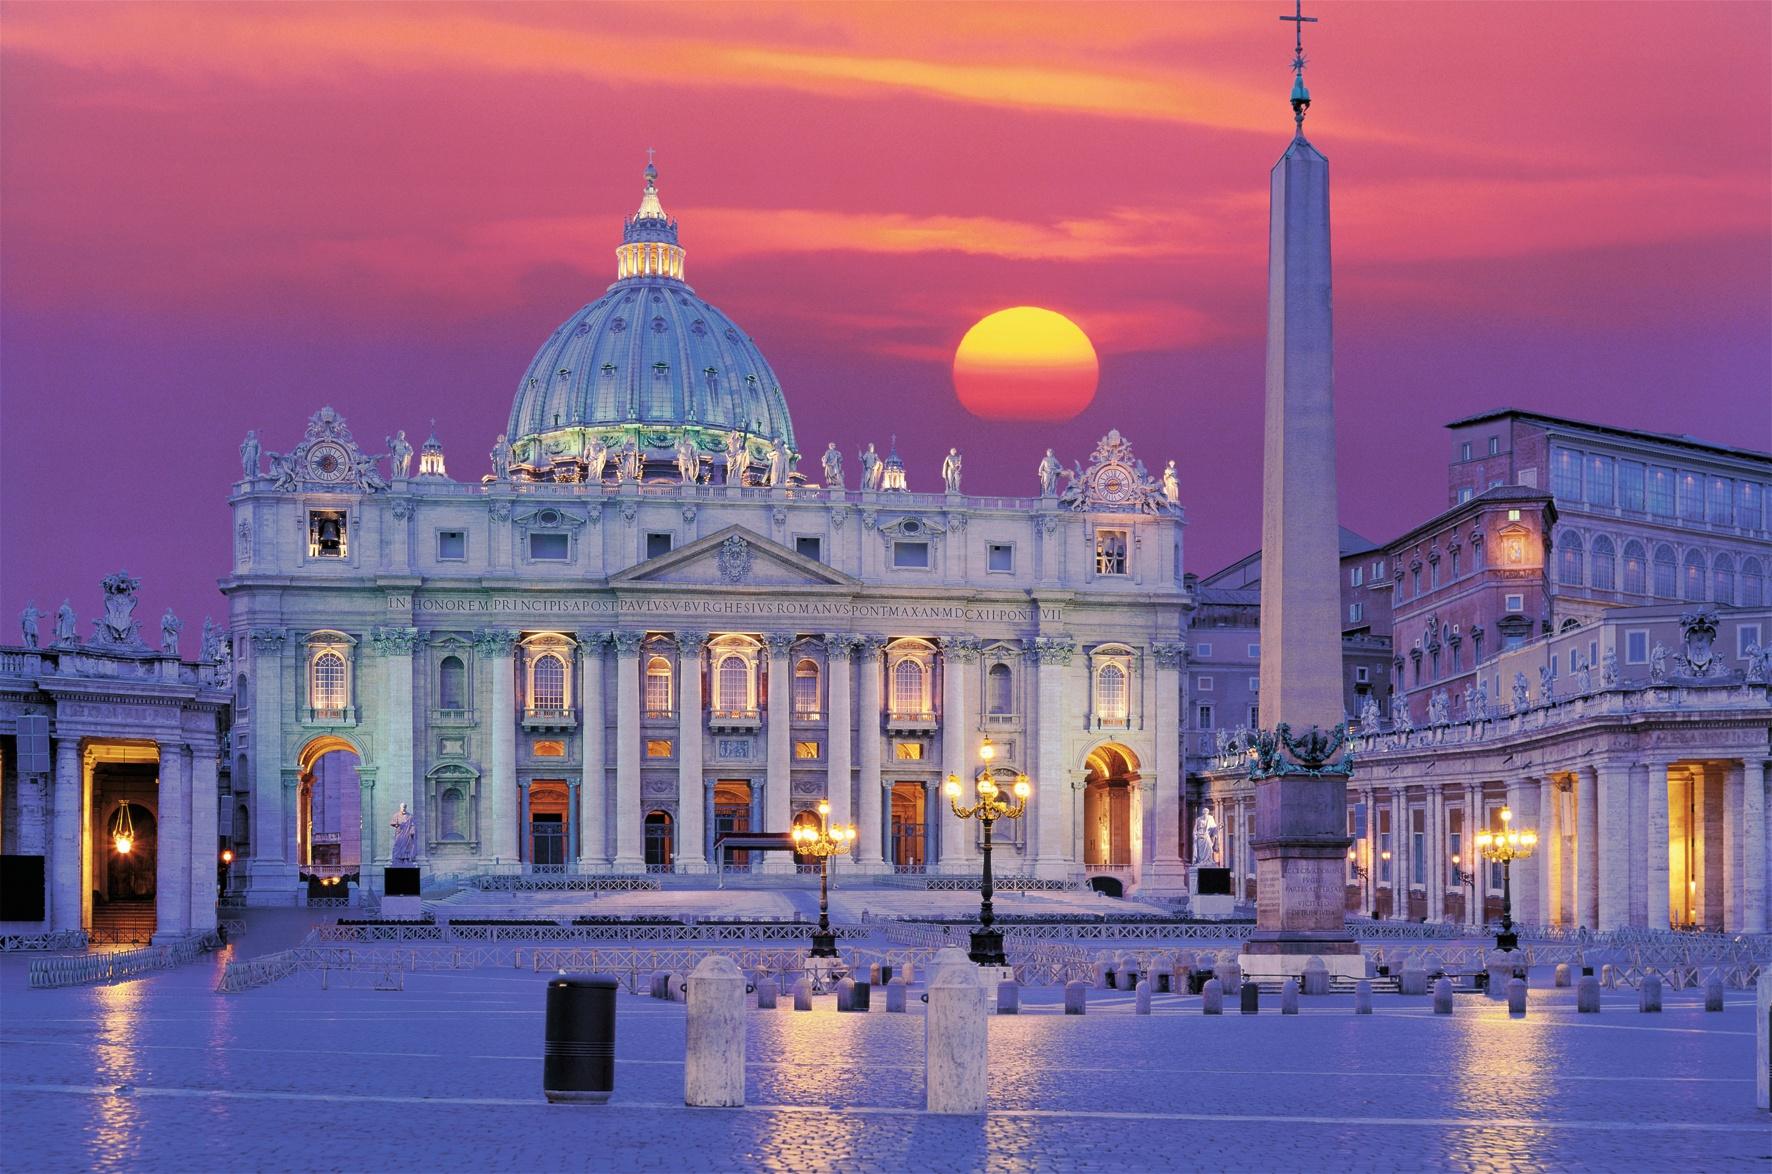 comandini articoli religiosi roma